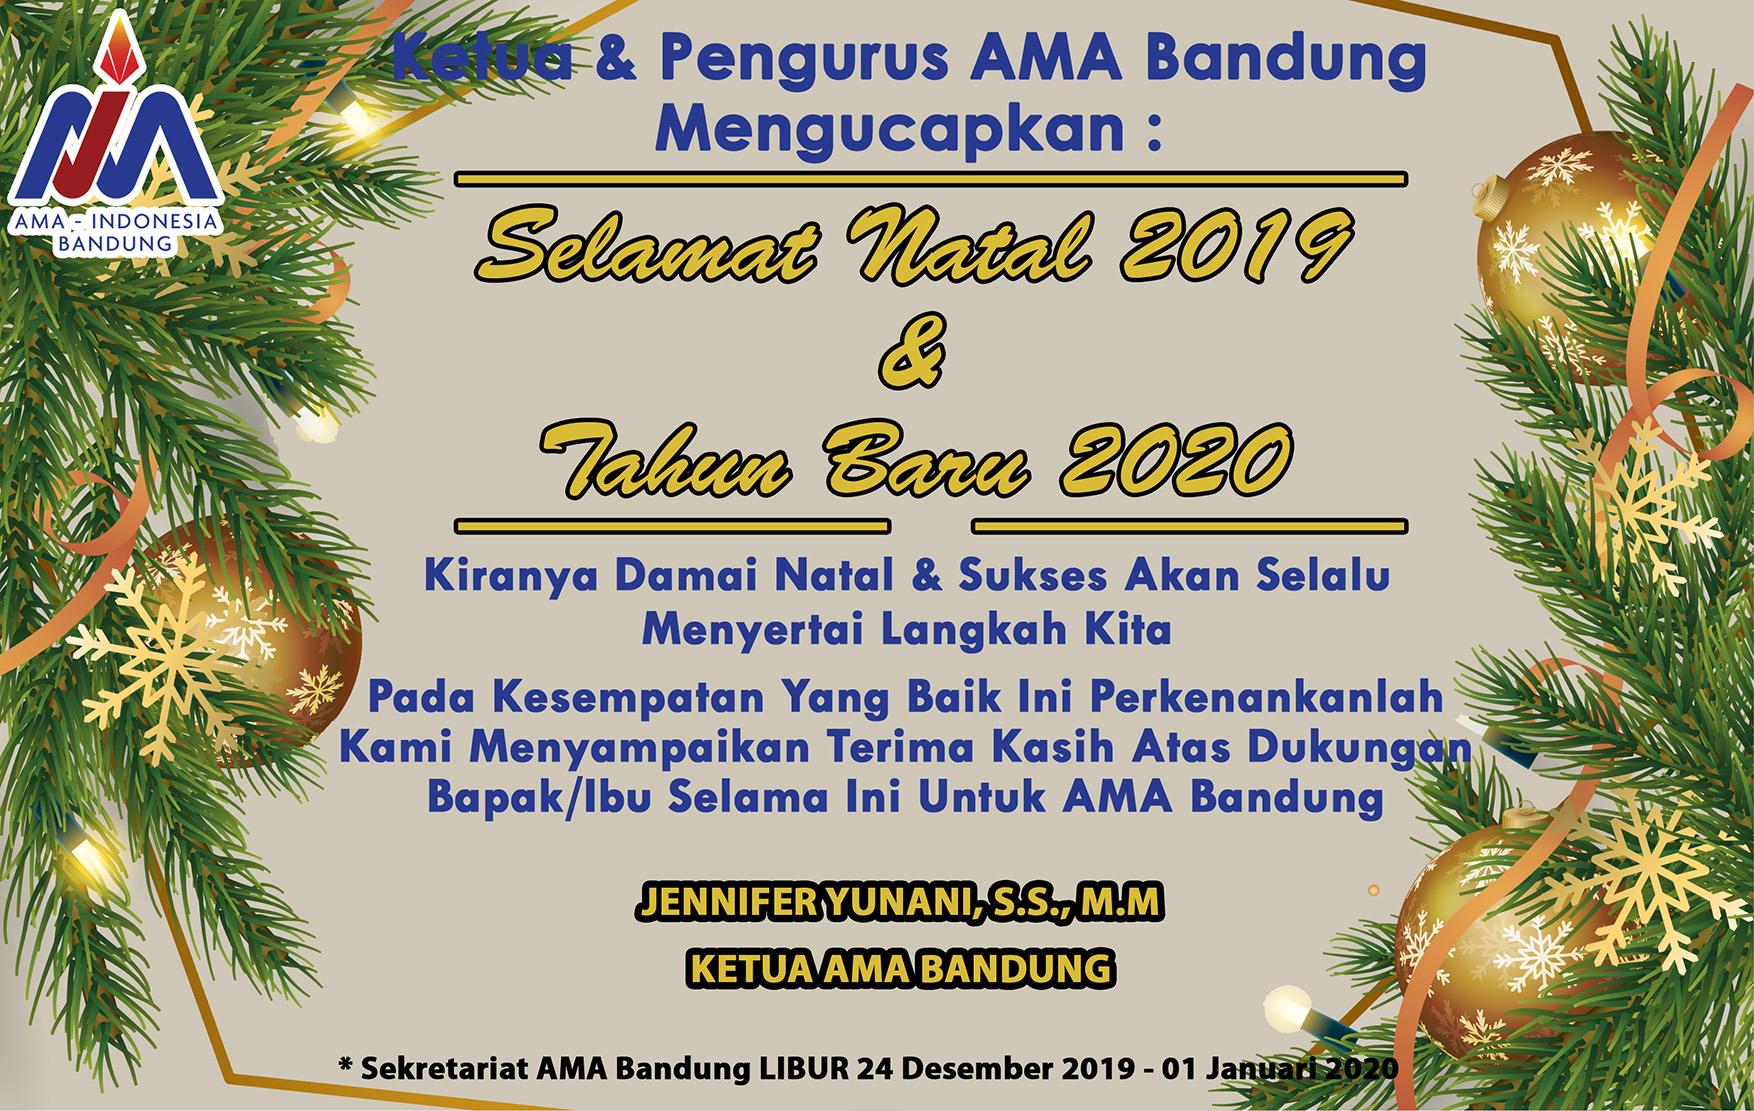 AMA Bandung Mengucapkan Selamat Natal 2019 & Tahun Baru 2020